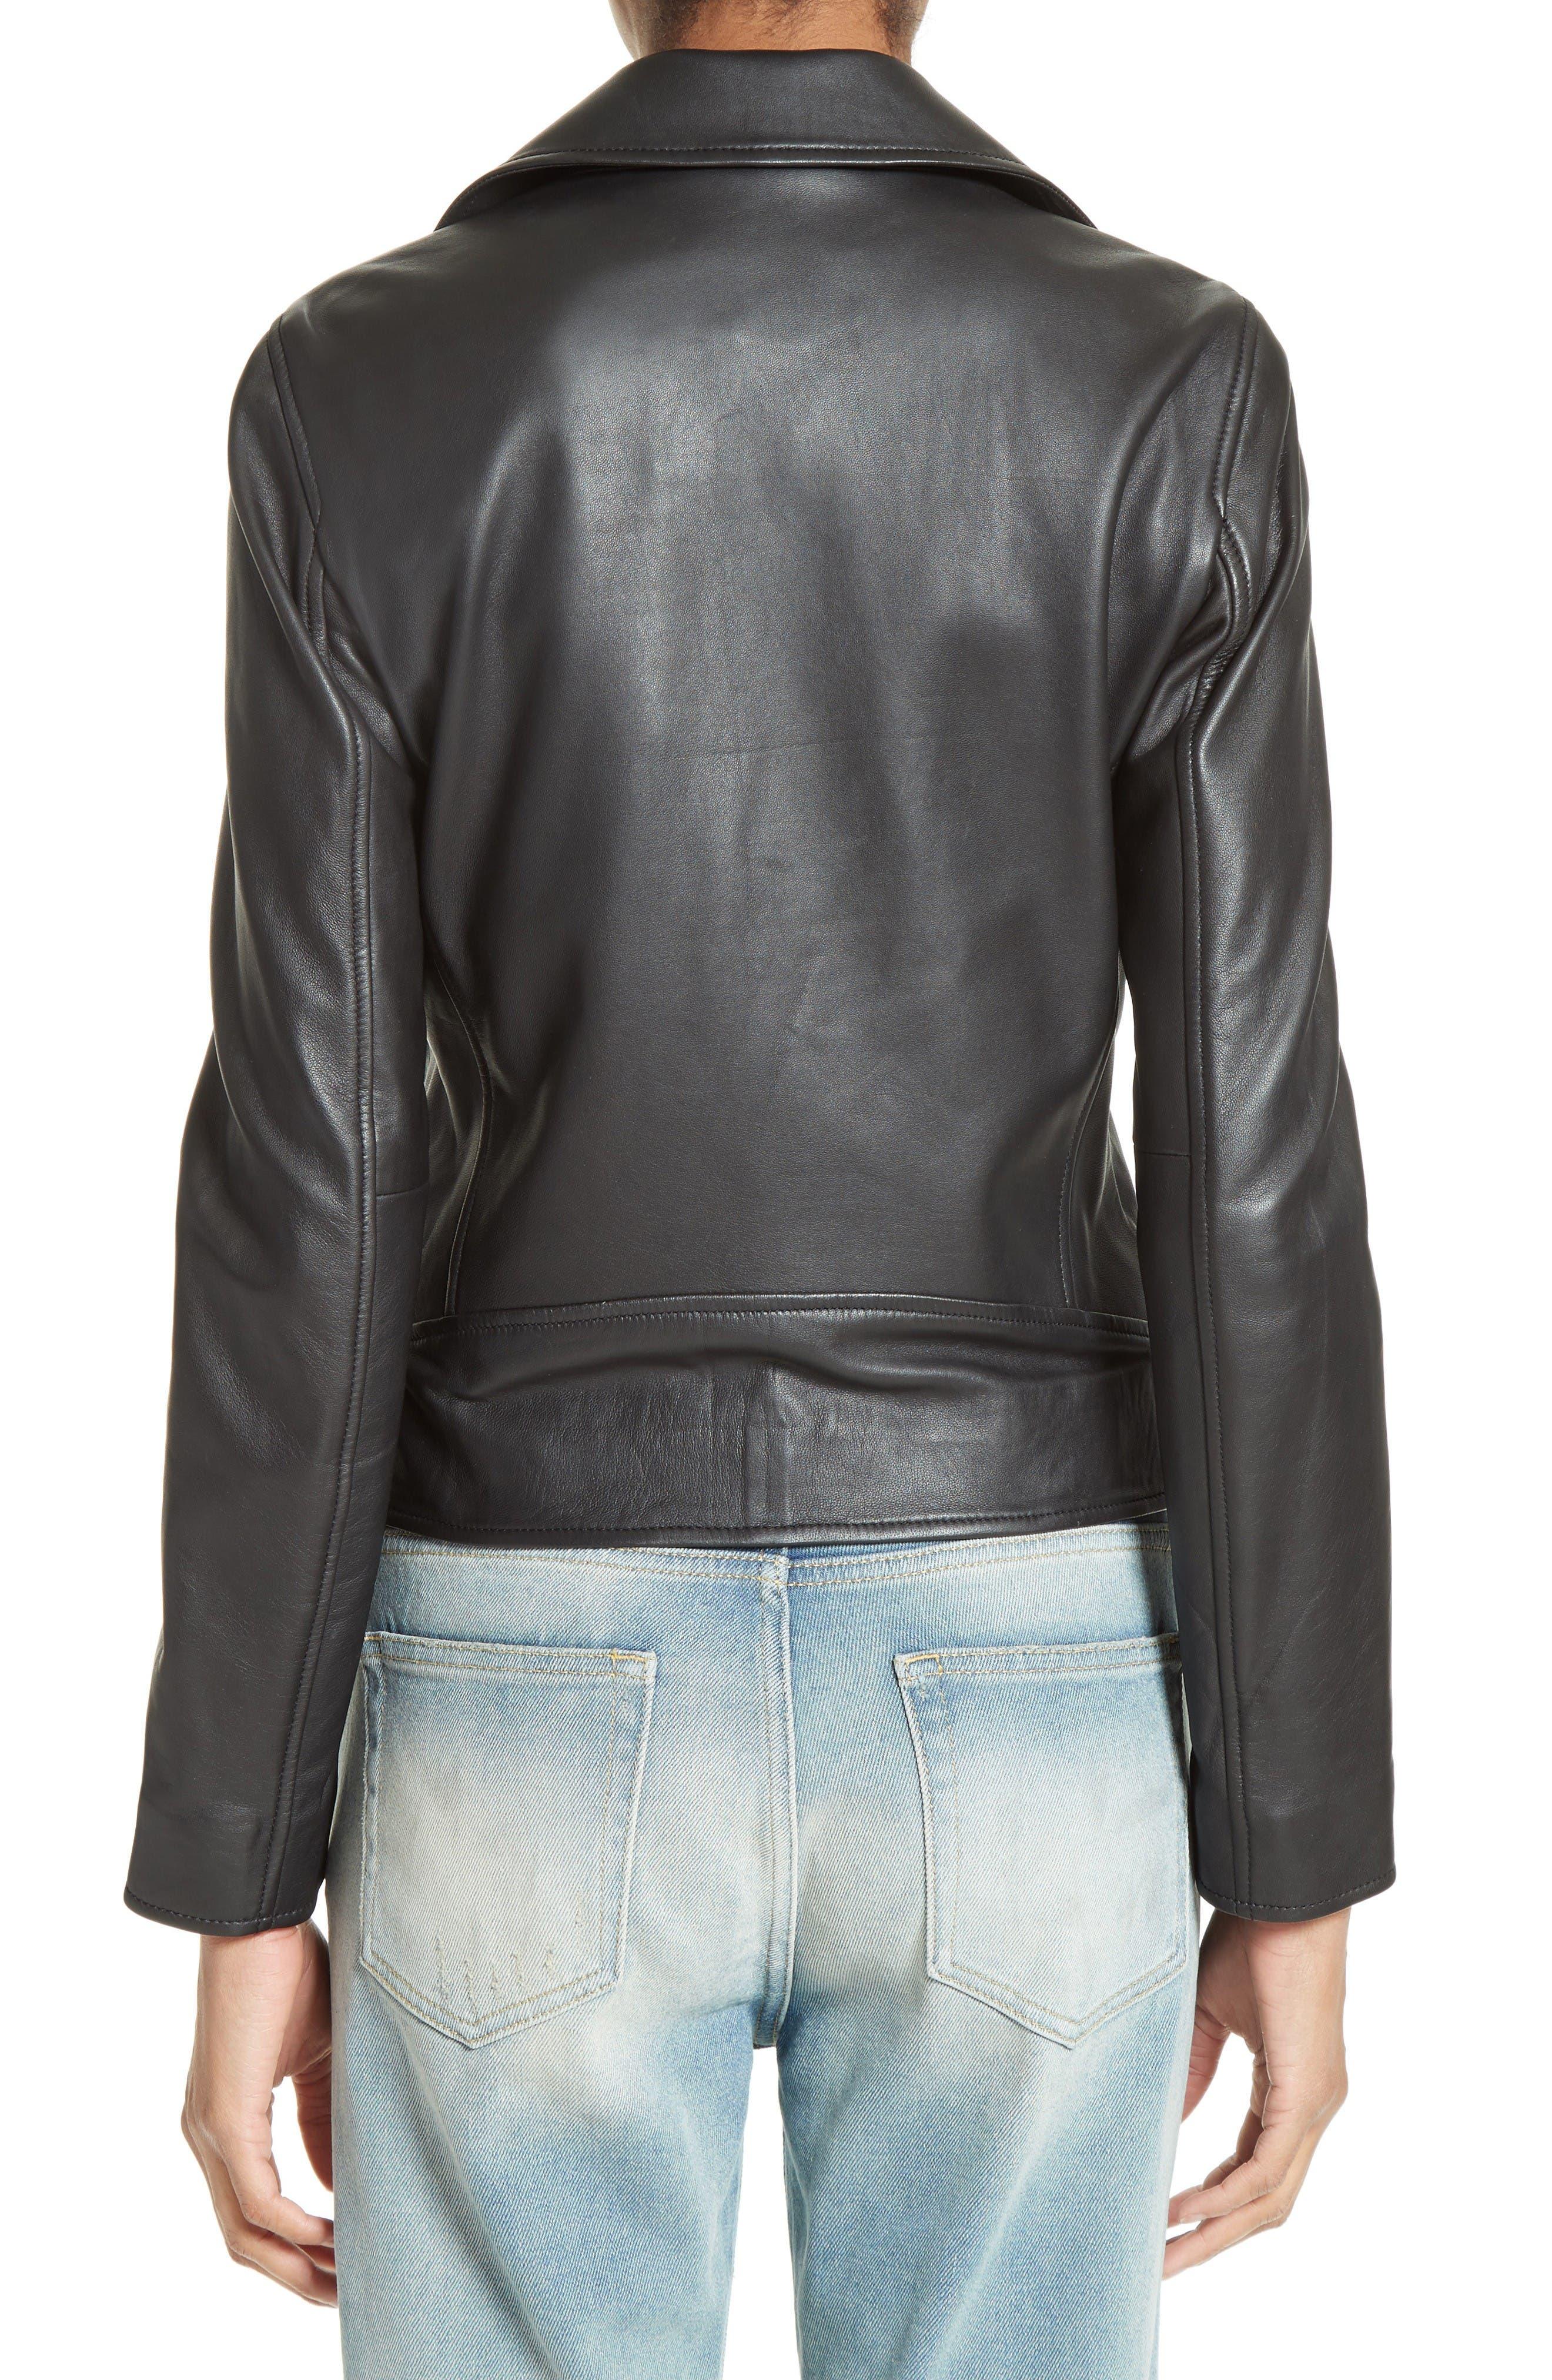 Alternate Image 3  - The Kooples Lambskin Leather Jacket